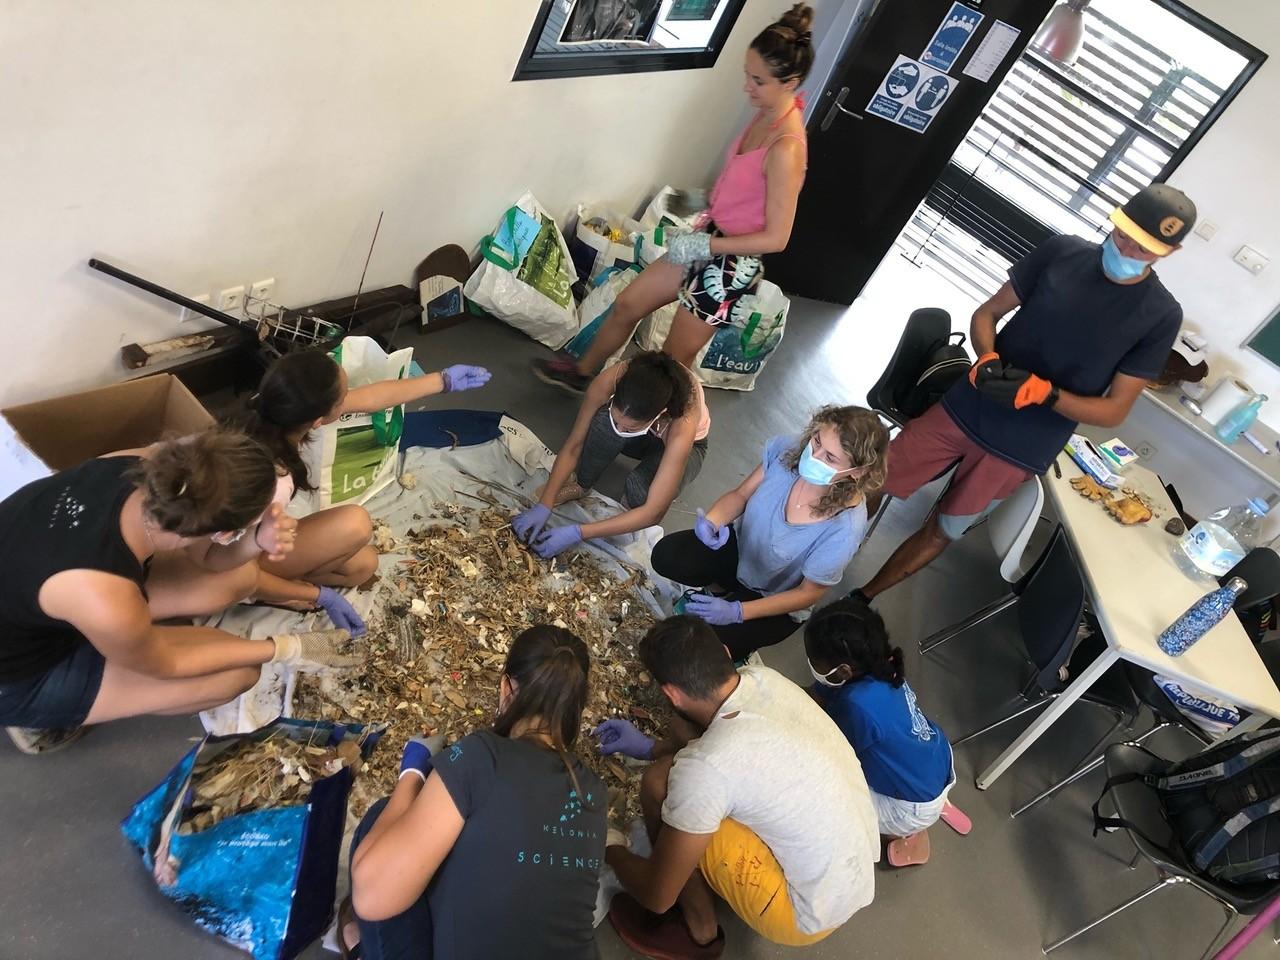 26/09/20 : Session de nettoyage organisée par Kélonia à l'occasion de la Semaine Européenne du Développement Durable et du World Clean Up Day. Bilan de cette session : 53,65 Kg de déchets ramassés